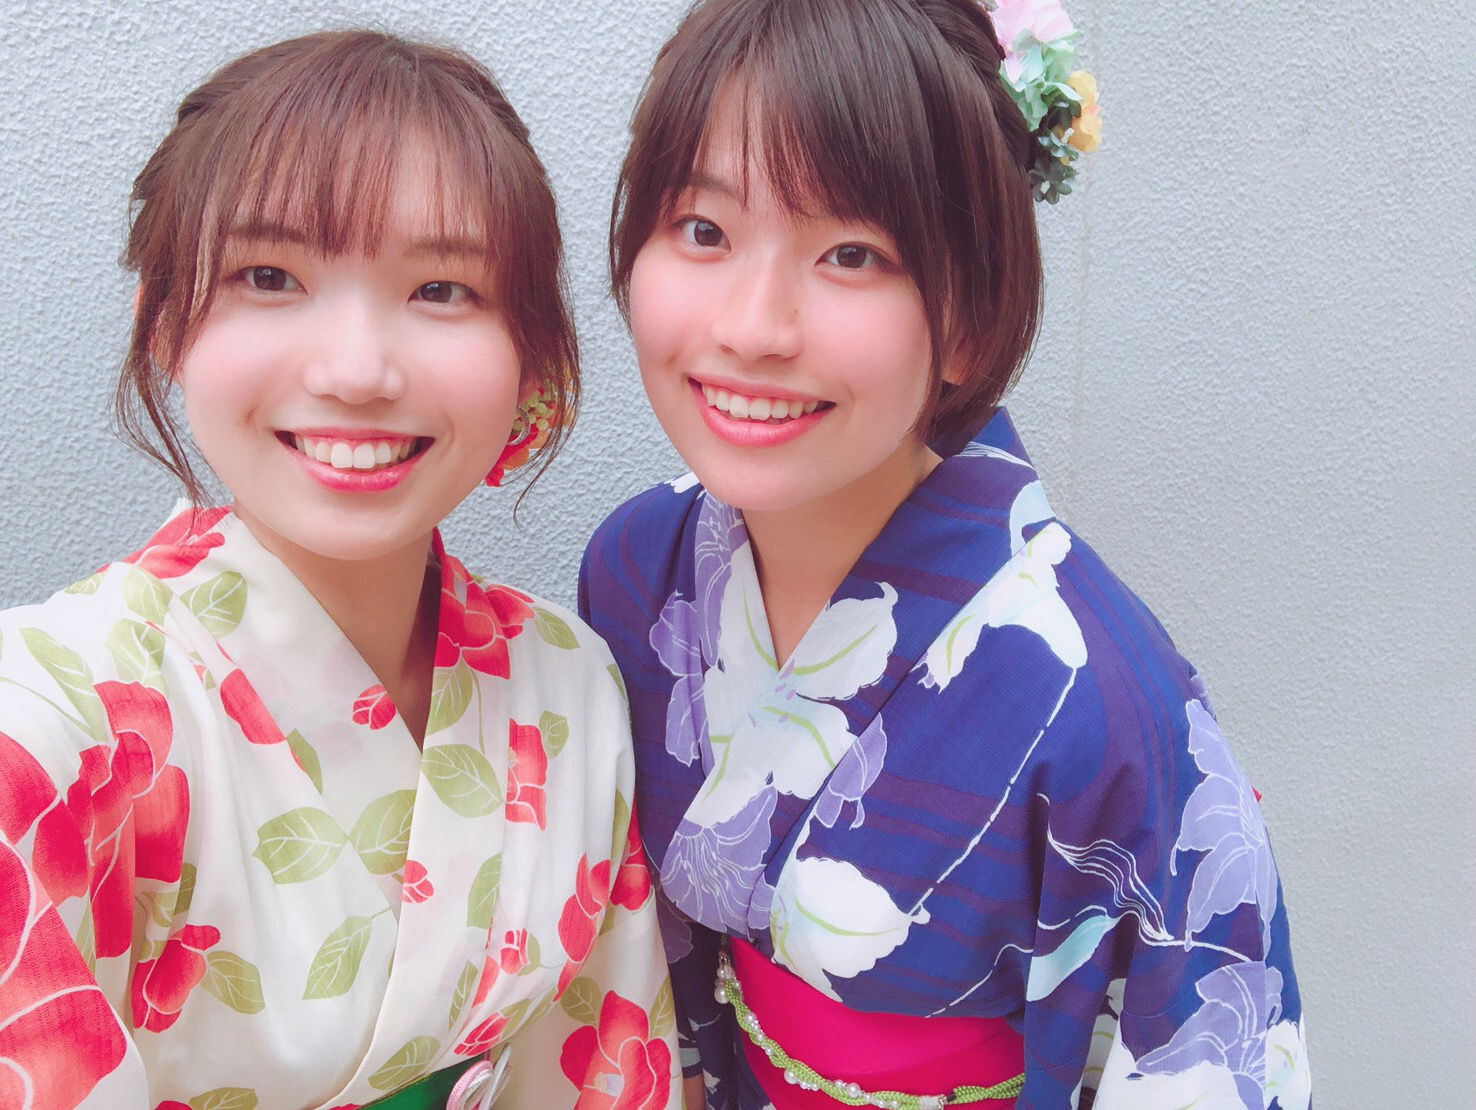 修学旅行以来の京都へ♪2019年8月22日4